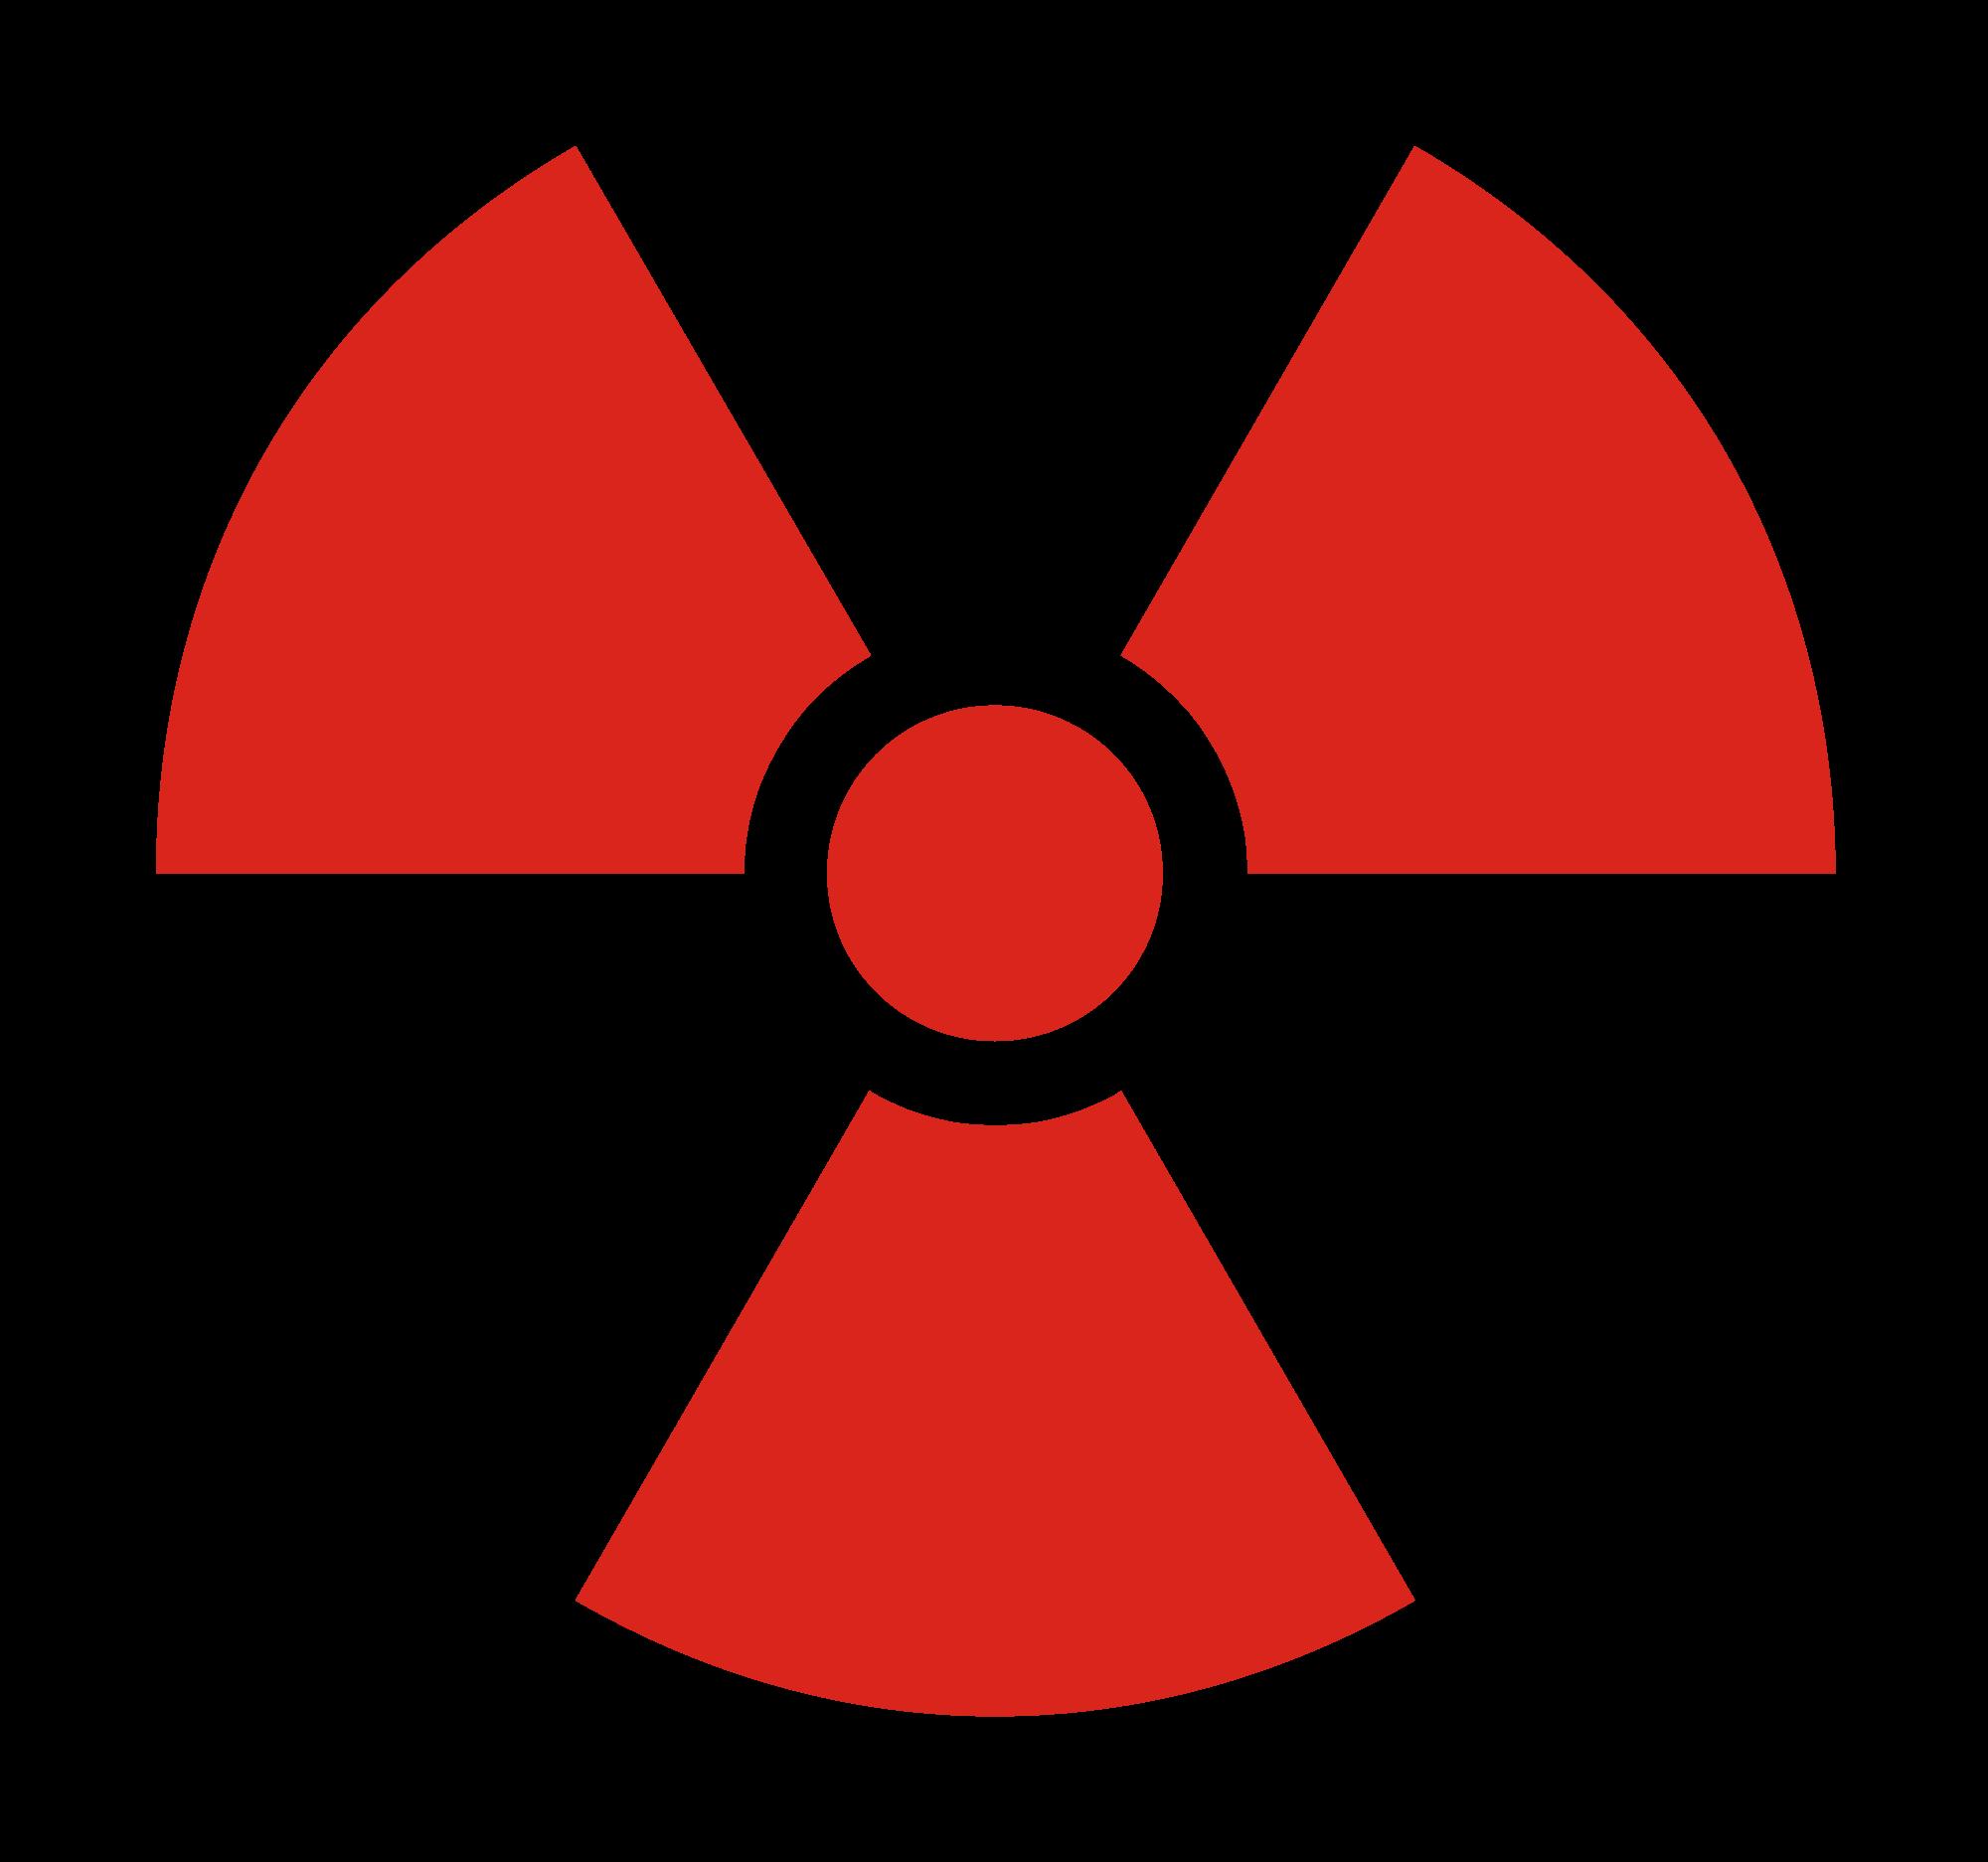 Radioactive svg #16, Download drawings